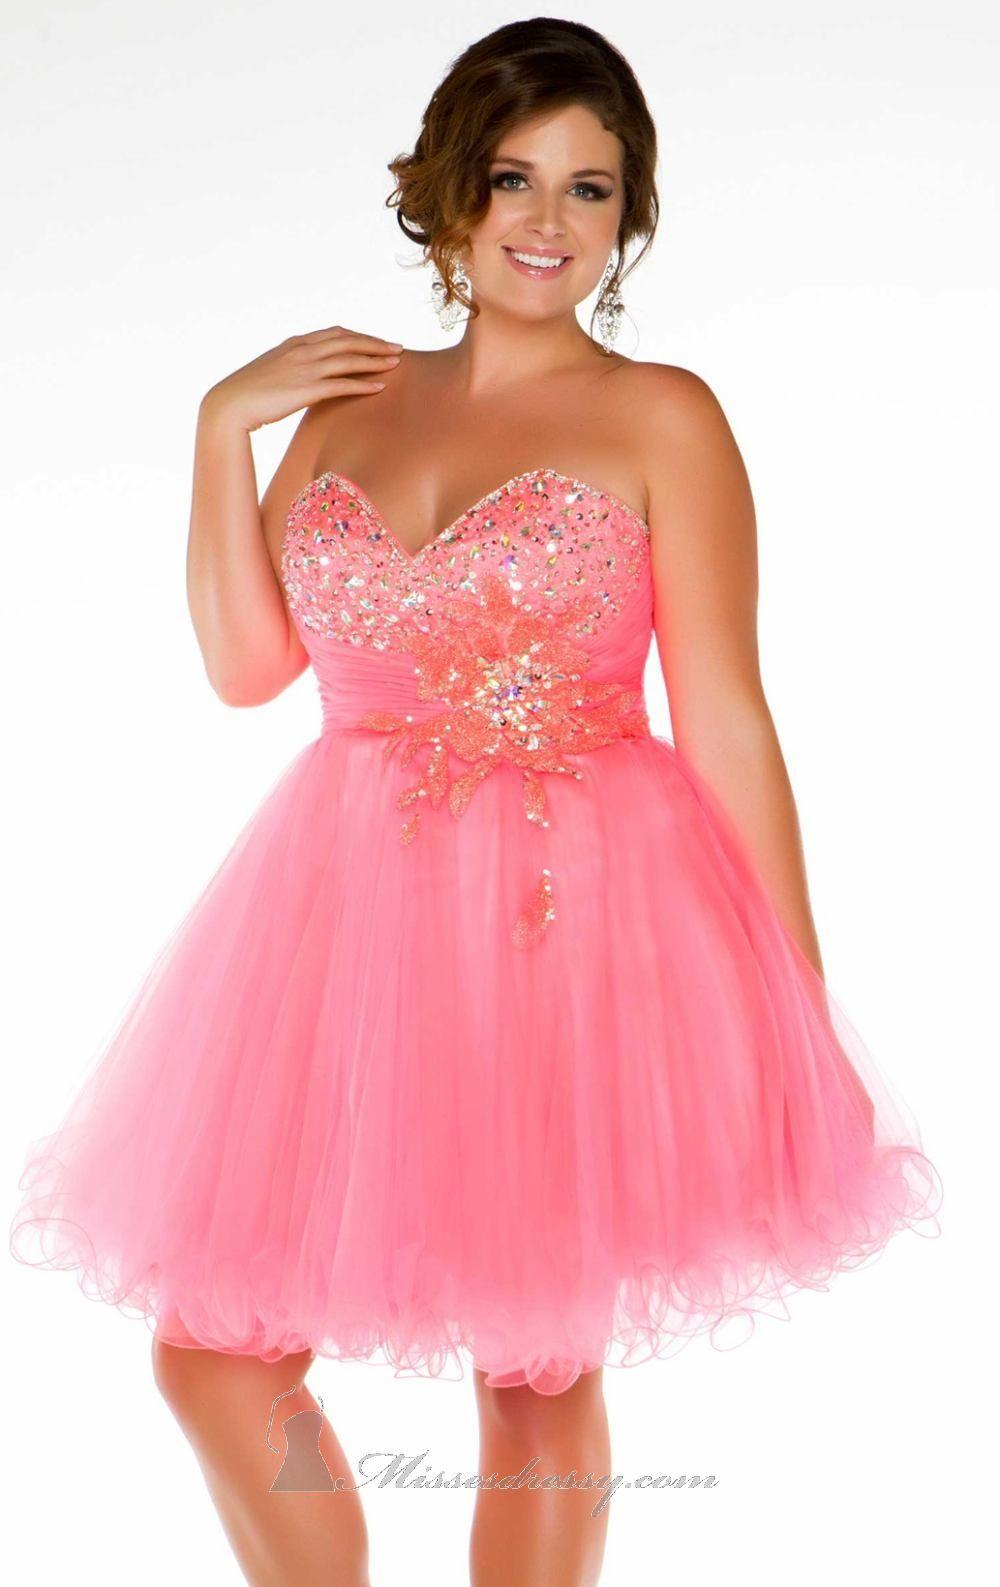 http://fauxtogo.com/mac-duggal-81790f-dress-p-4765.html | cherae.com ...